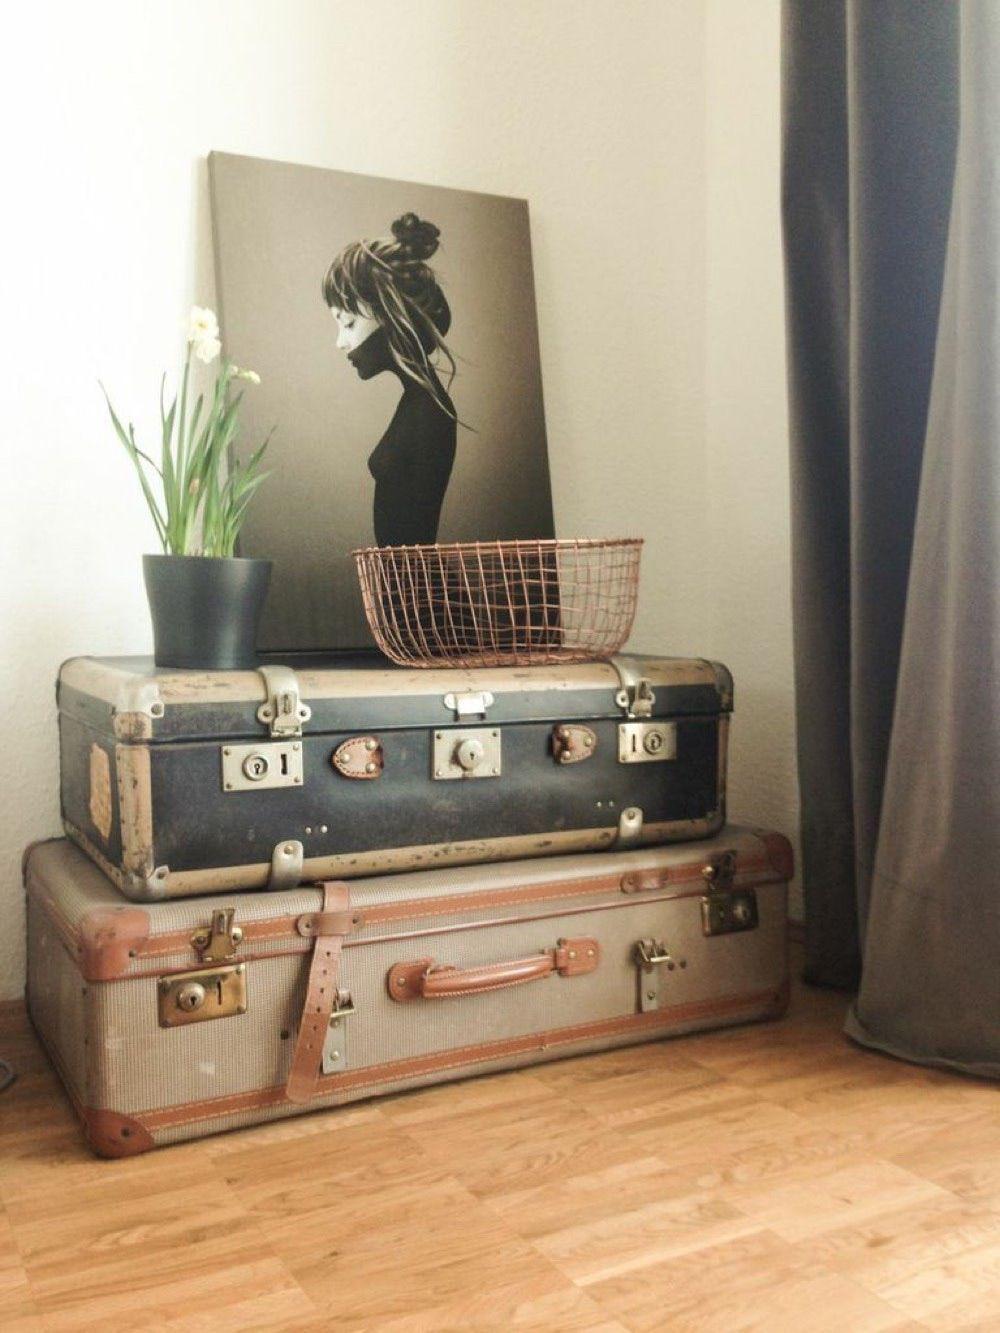 Juniqe Print Frs Wohnzimmer Auf Vintage Koffern Mit Einer Kupferschale Und Frhlingsblumen